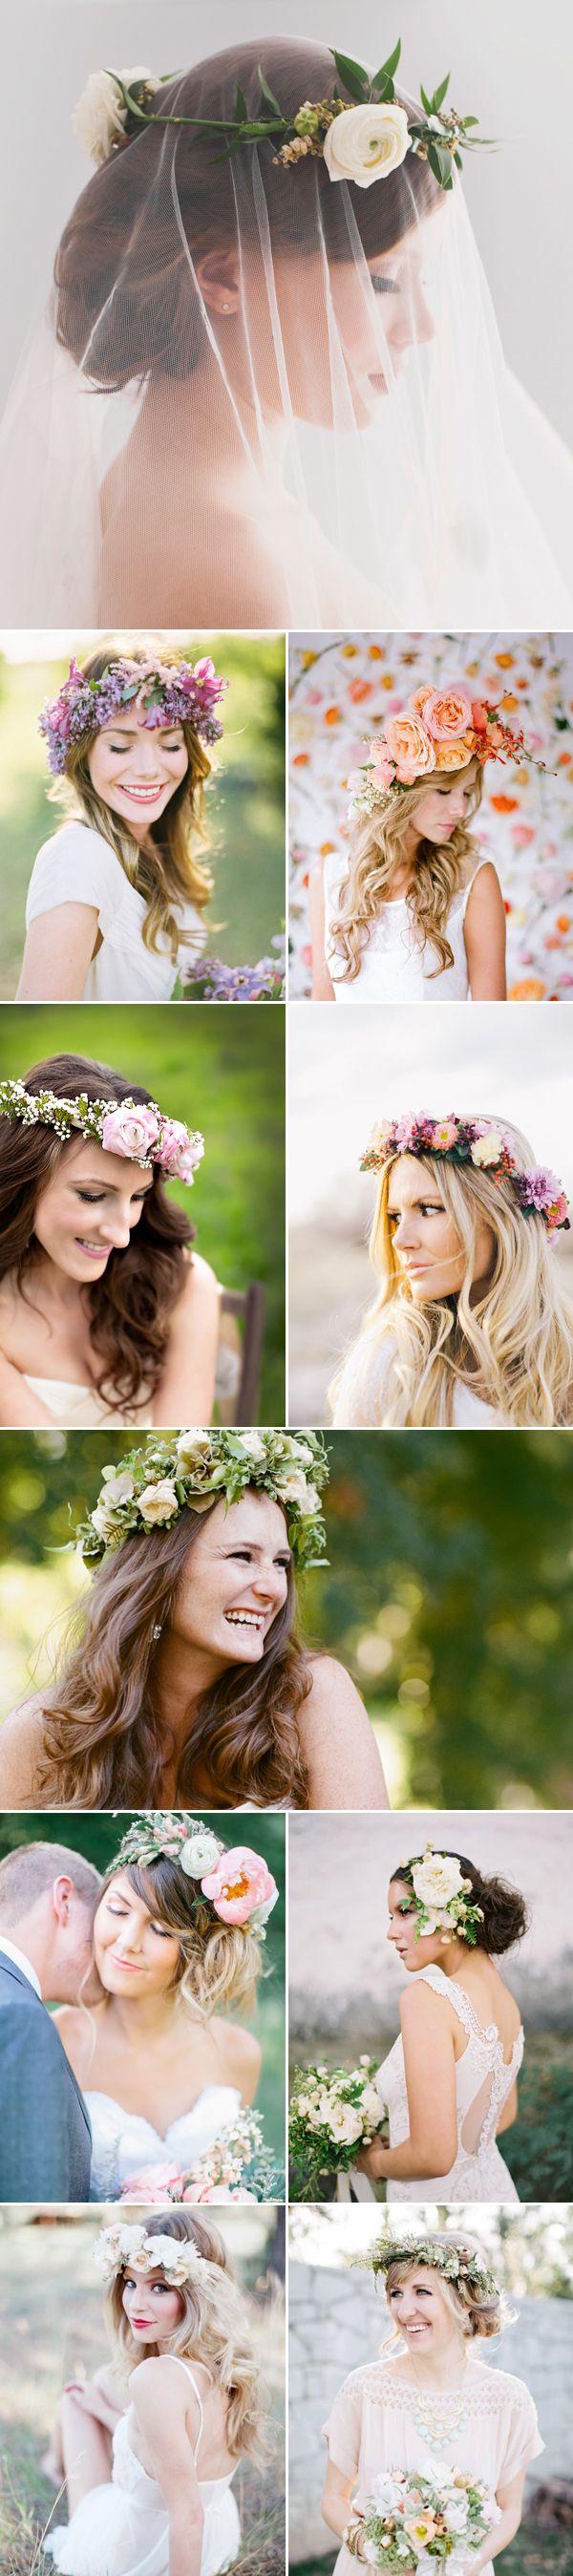 Helemaal 2014: fleurige bloemenkransen voore haar!    Summer Bridal Hairstyles - Fresh Flowers